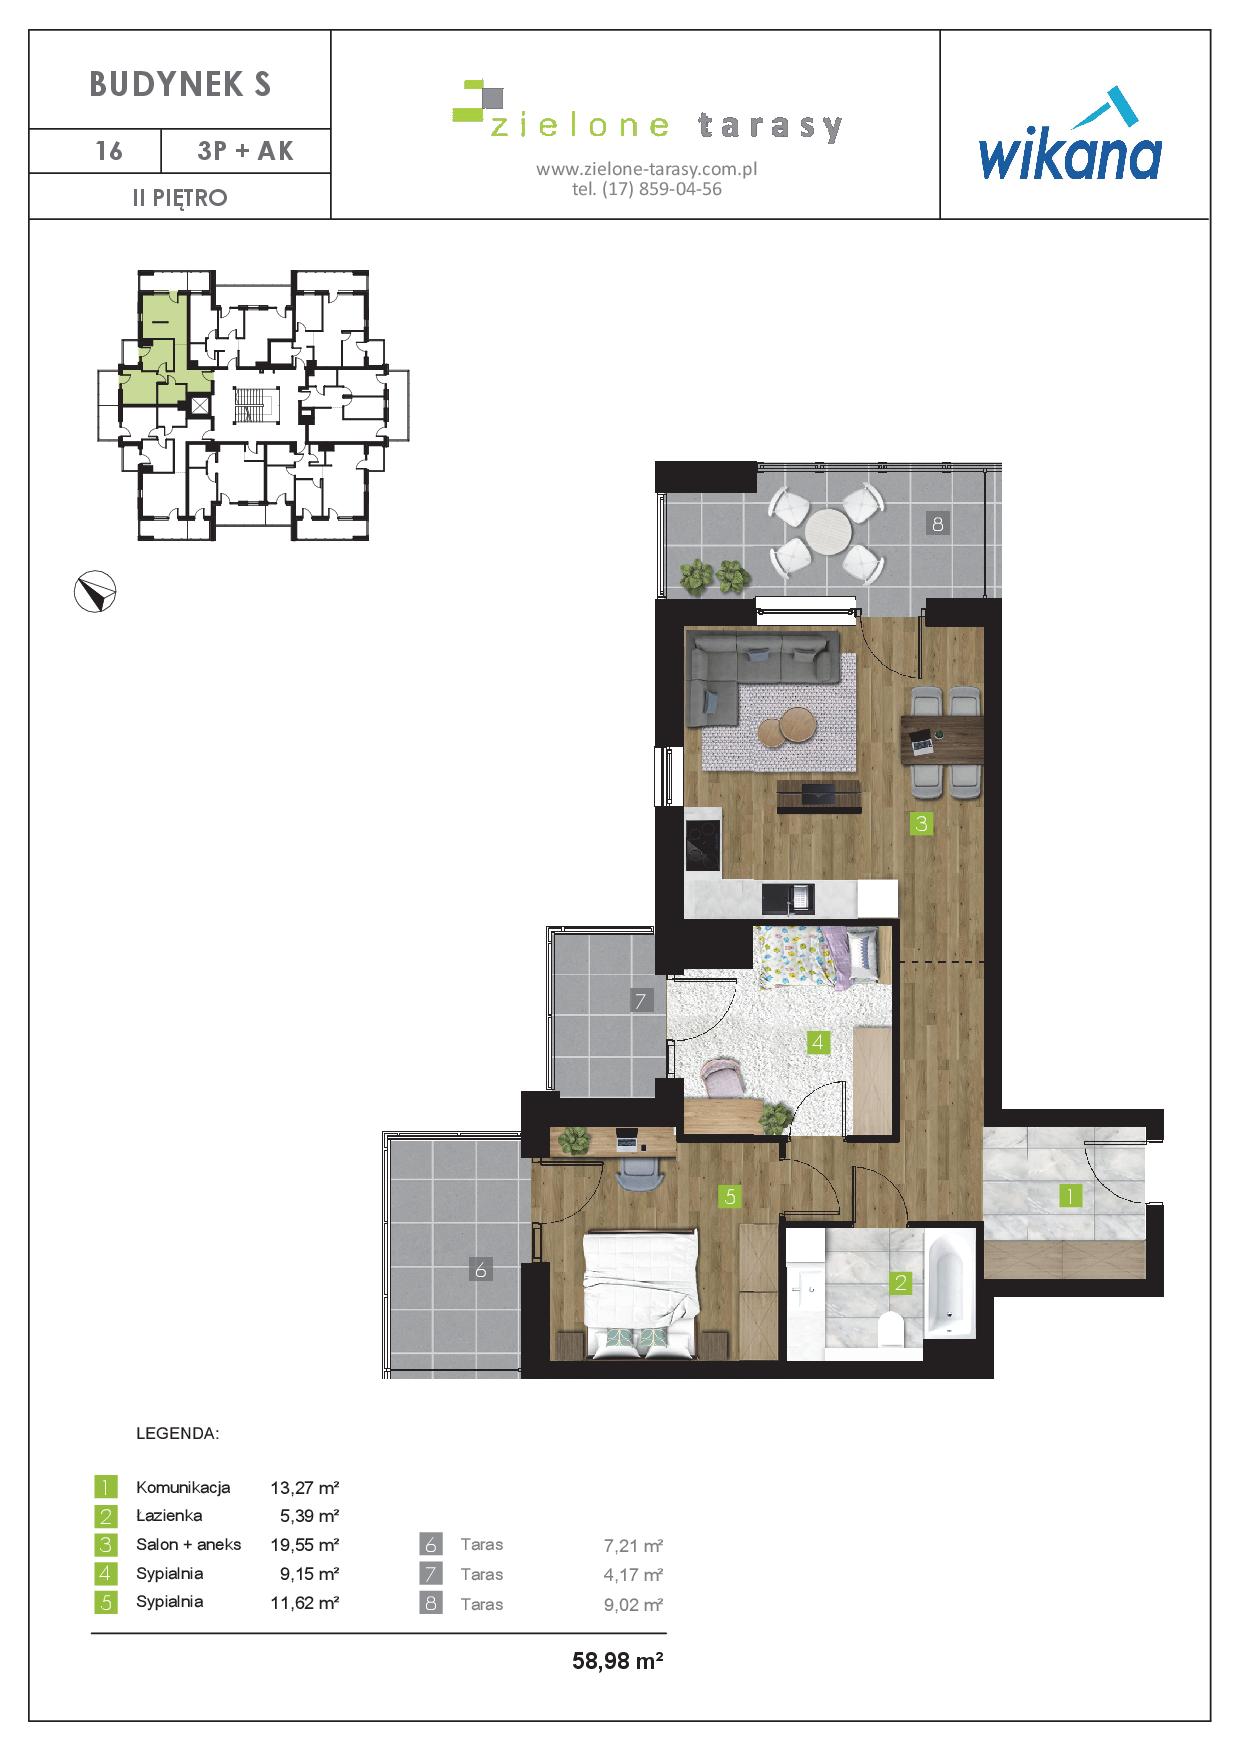 sprzedaż mieszkań rzeszów - S-16